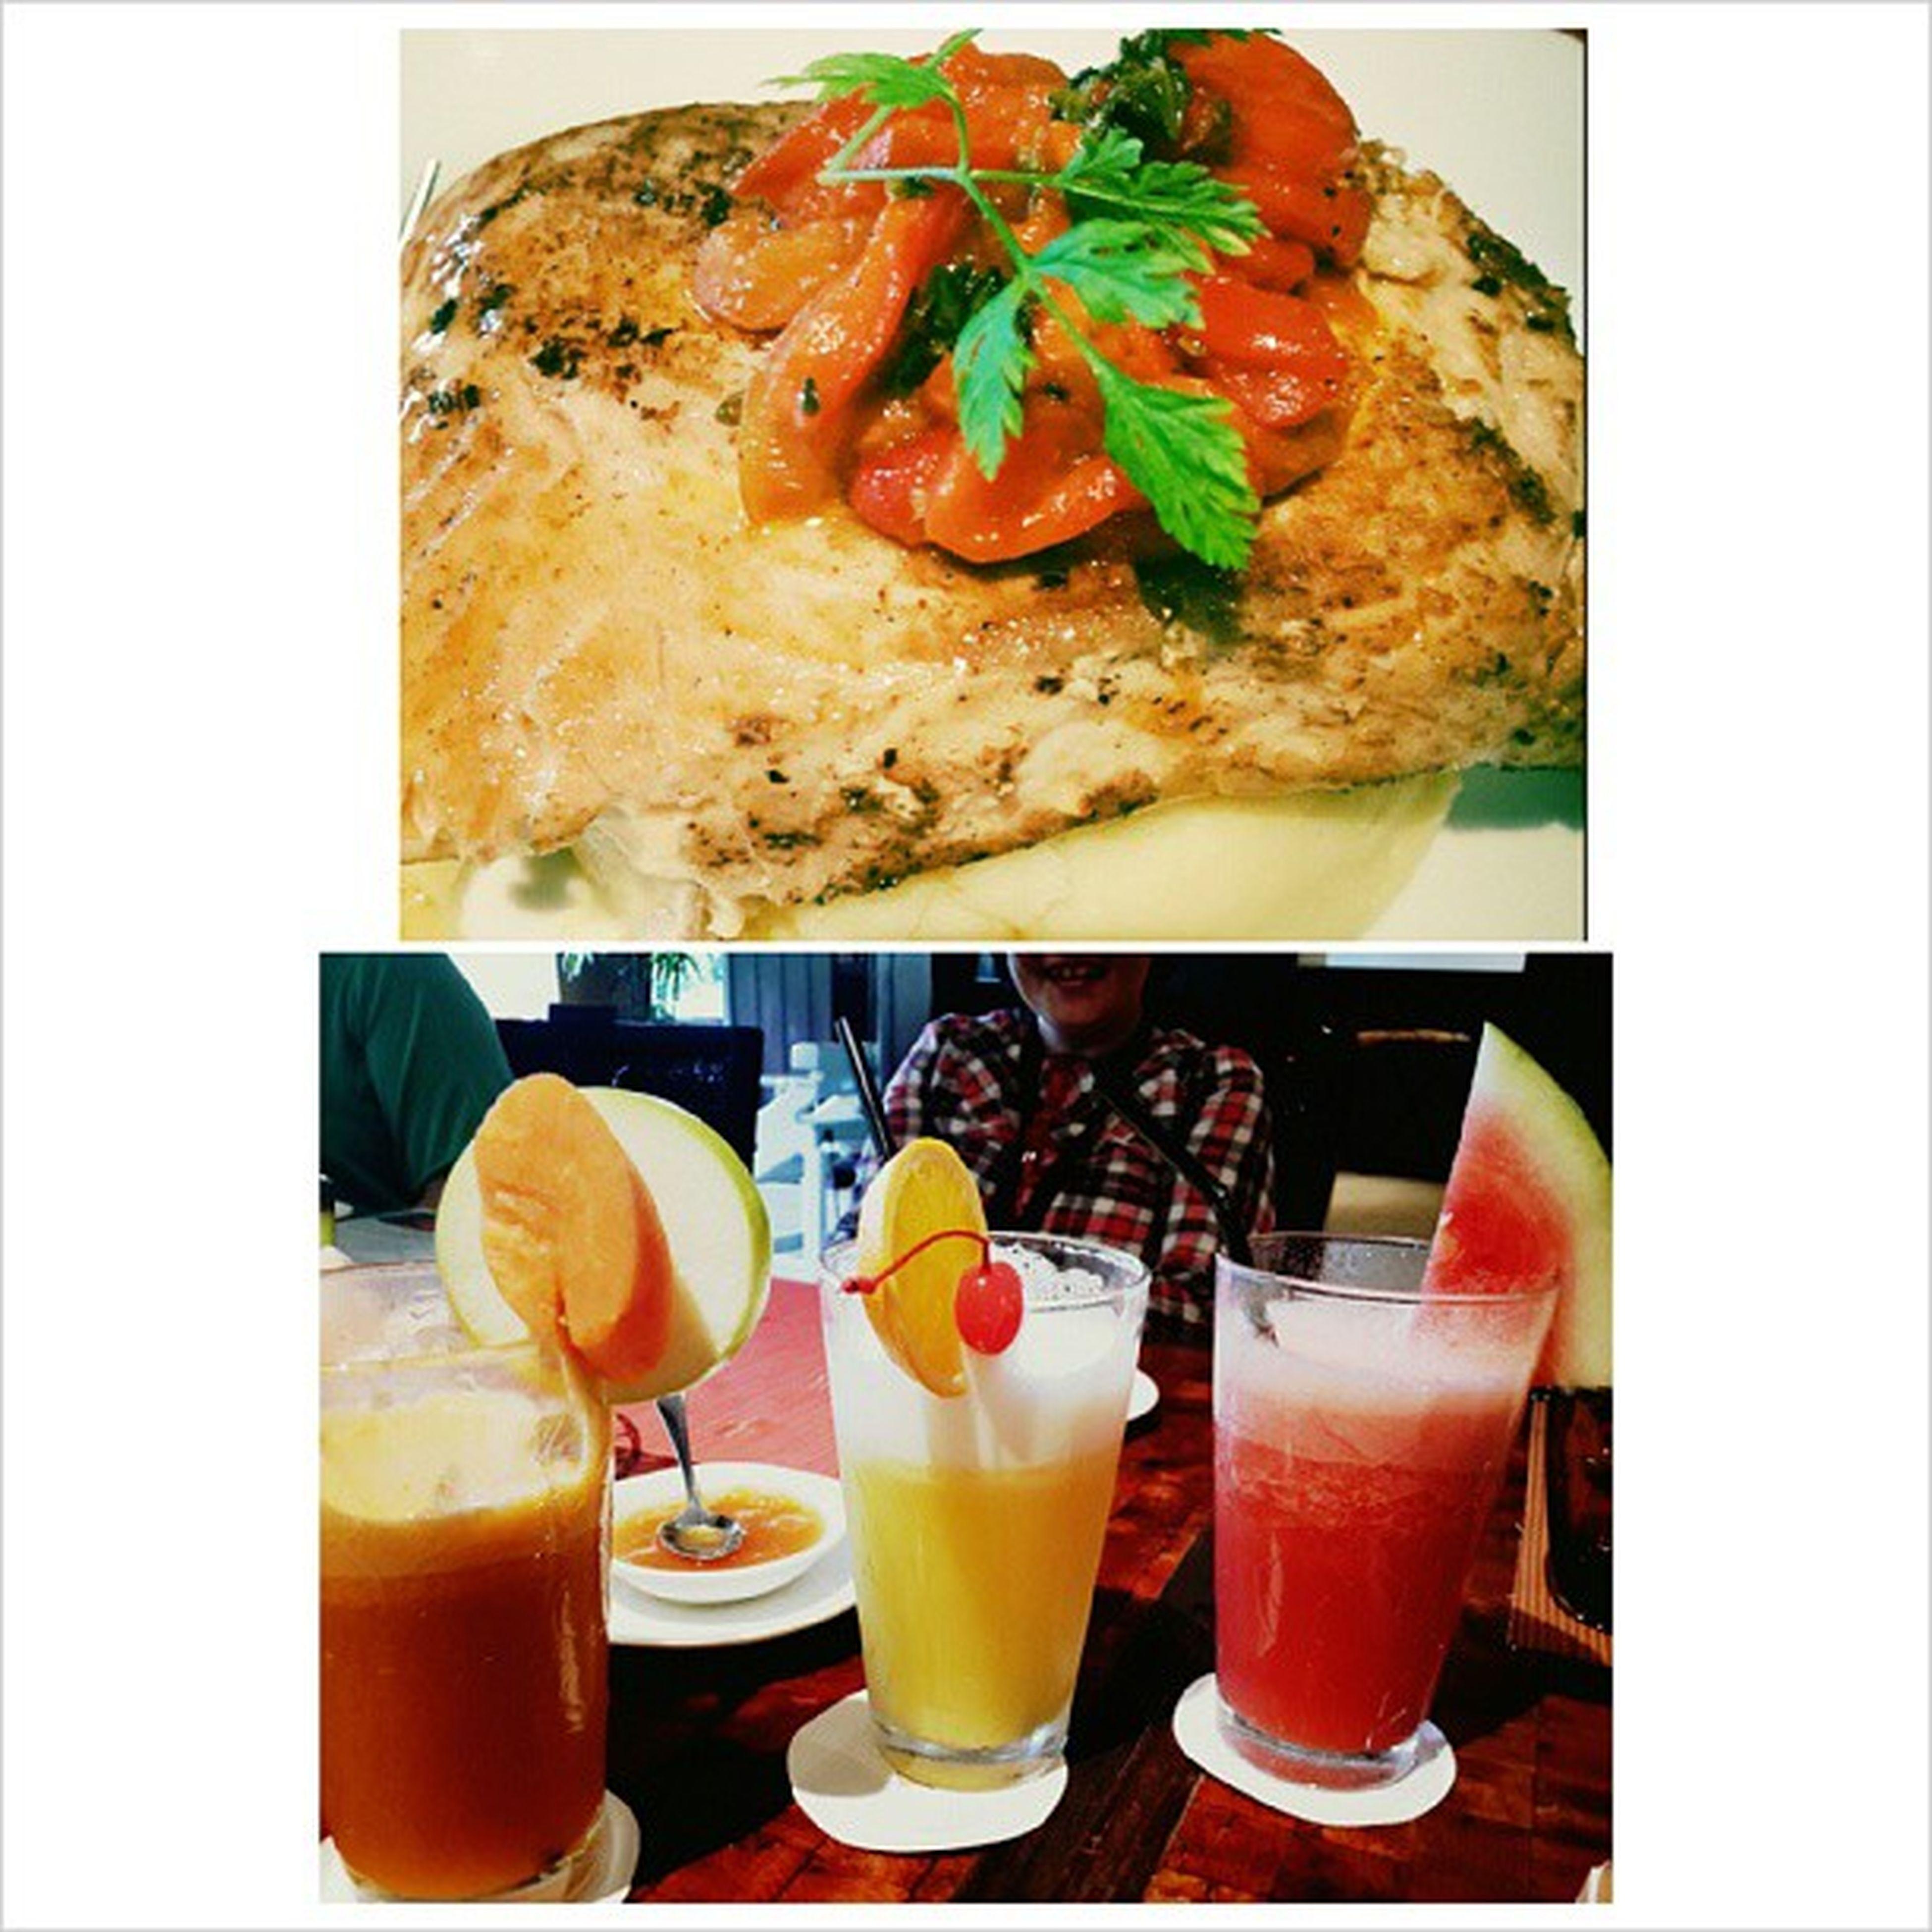 My lunch today :) One happy tummy. Salmoninmashedpotato Freshfruitjuices